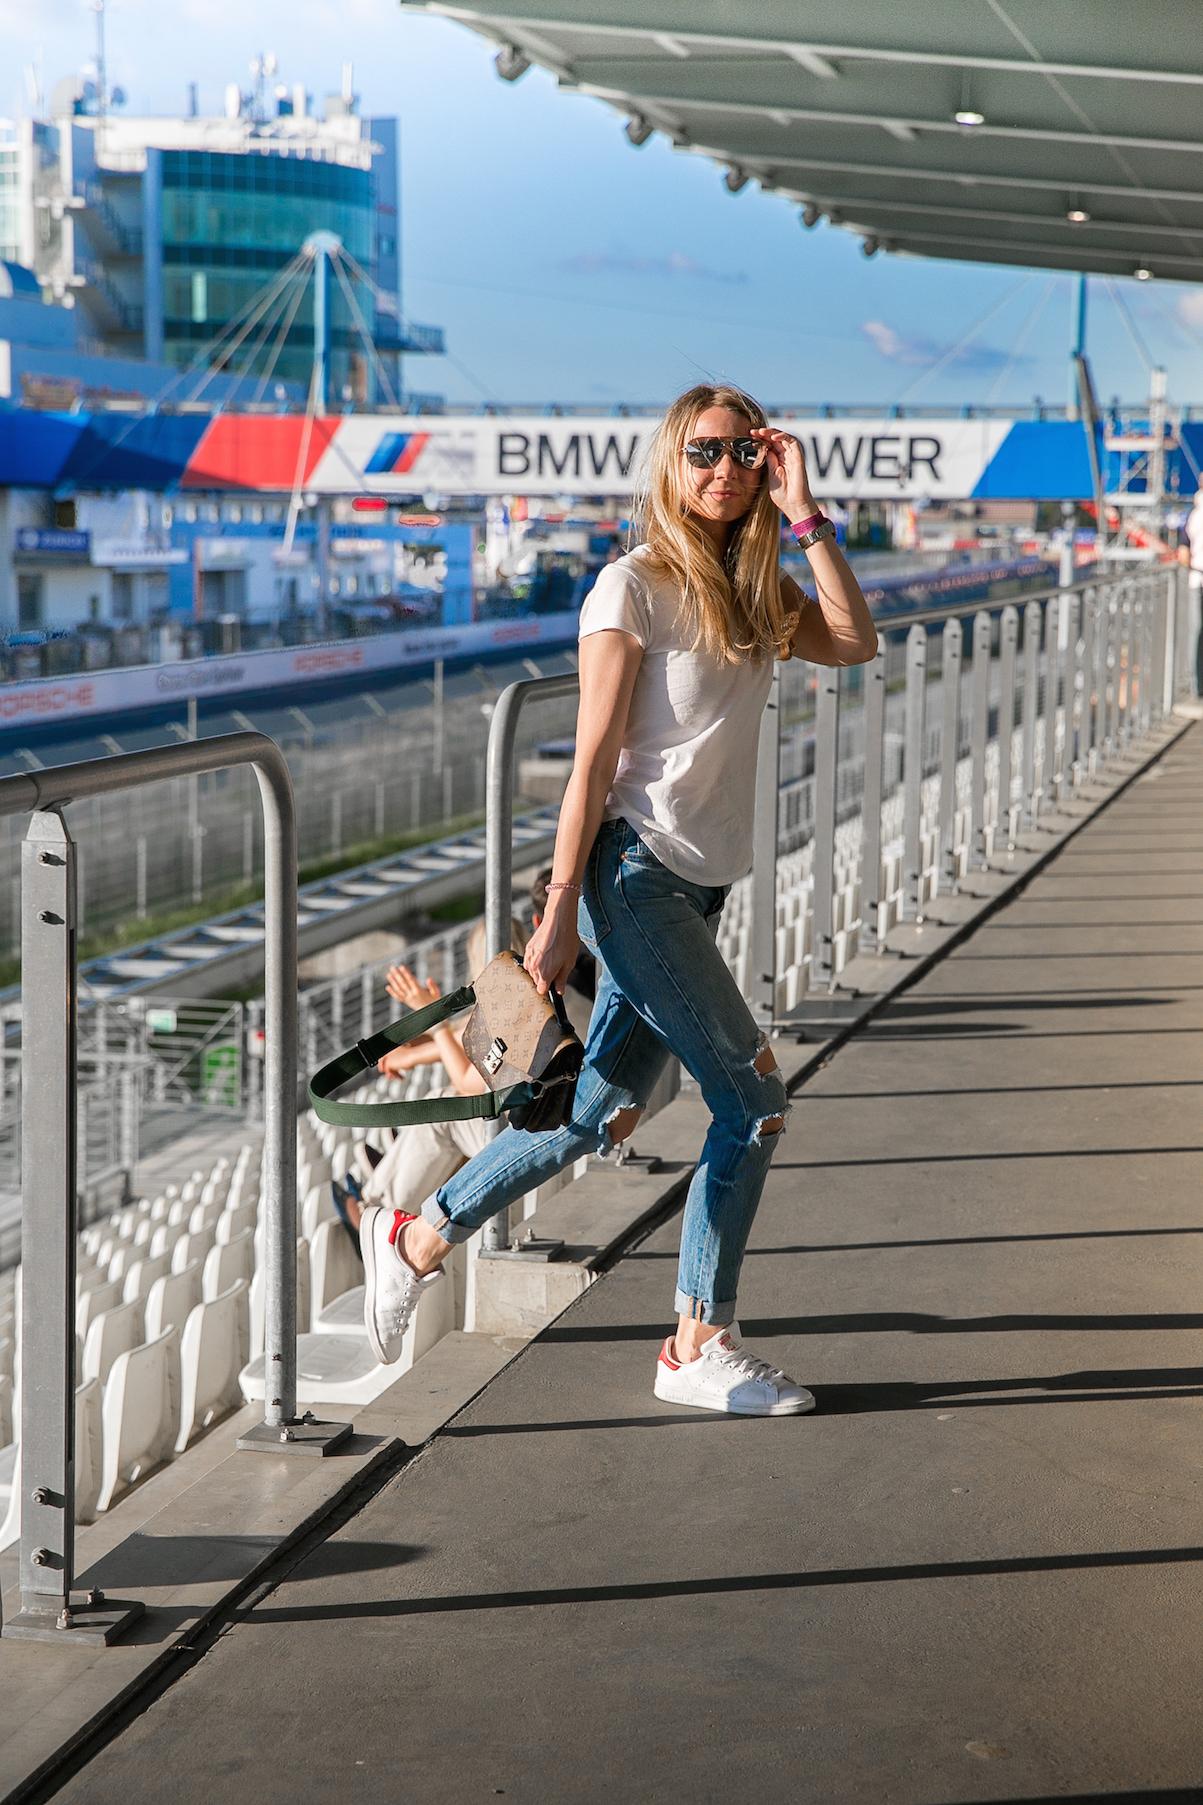 Die ersten zwei Tage beim ADAC Zurich 24h Rennen am Nürburgring